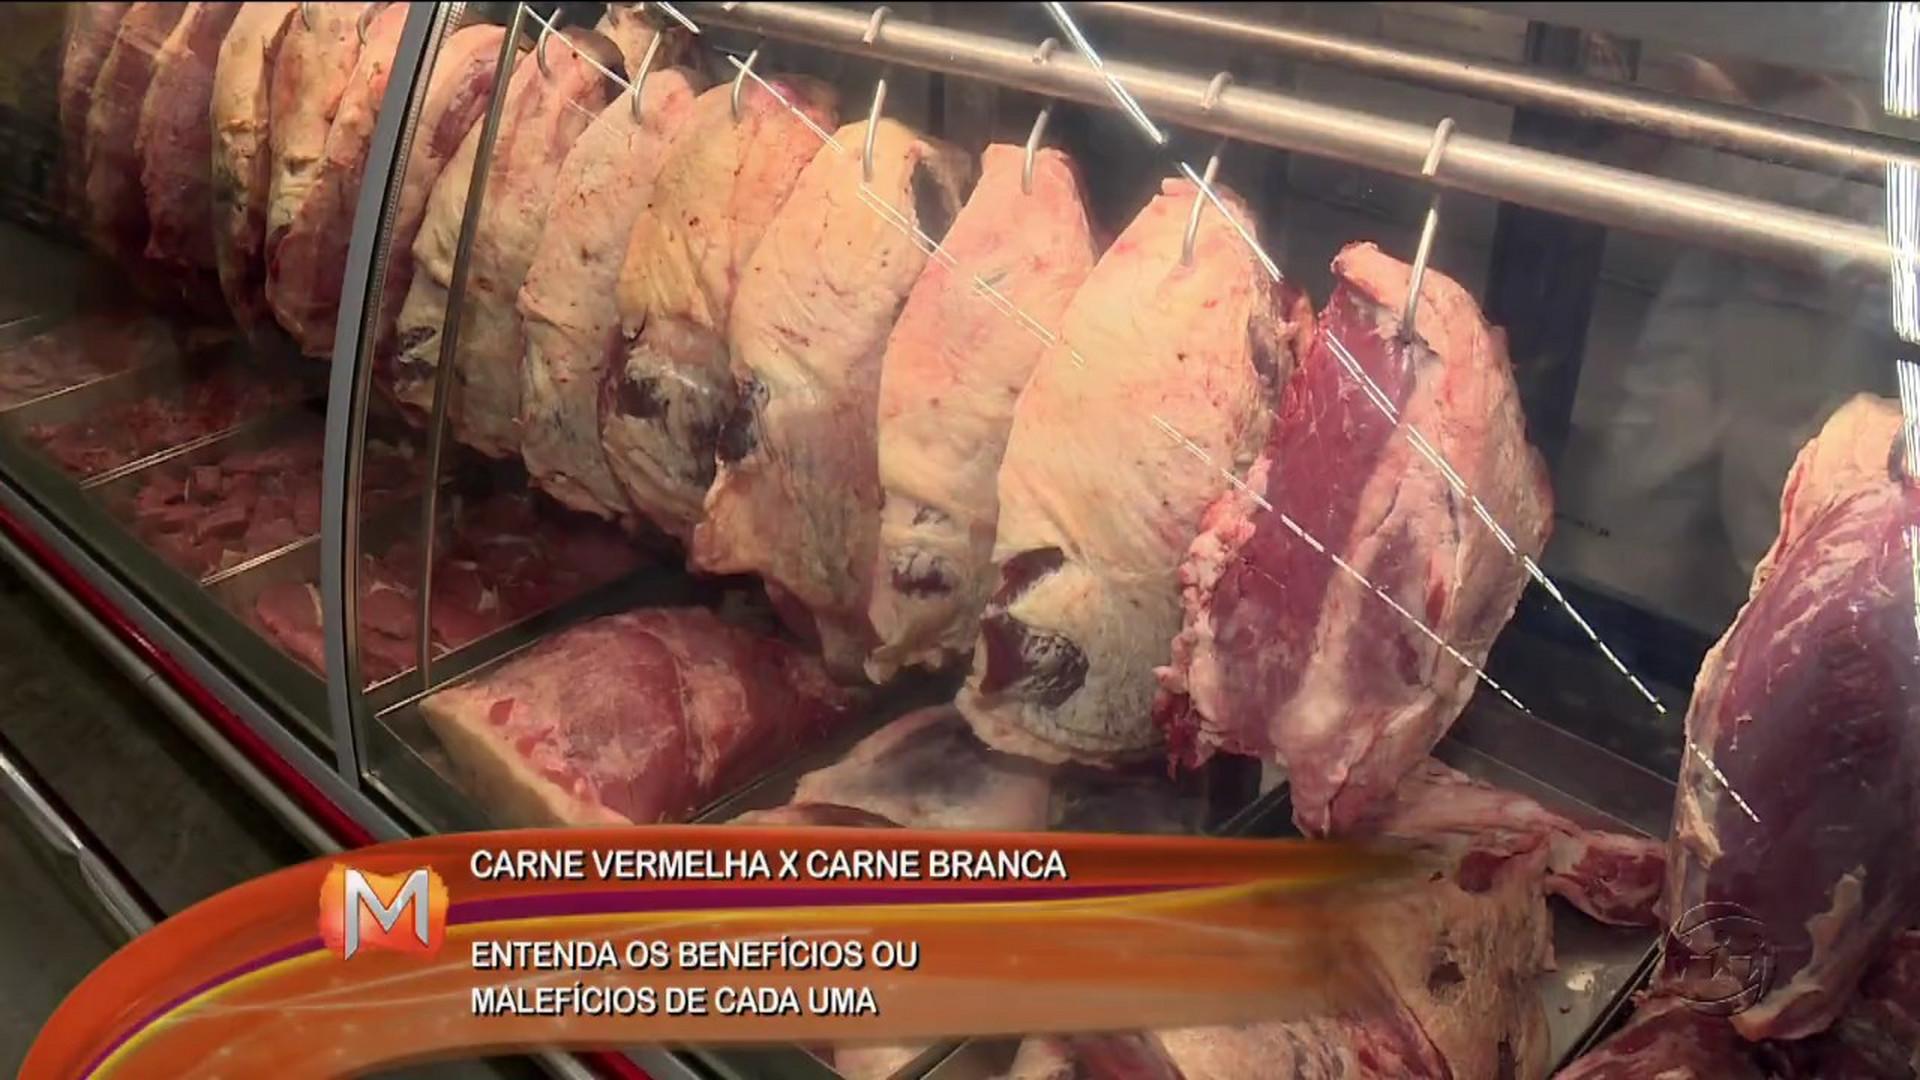 CARNE VERMELHA X CARNE BRANCA: ENTENDA OS BENEFÍCIOS OU MALEFÍCIOS DE CADA UMA - Magazine 18/12/17